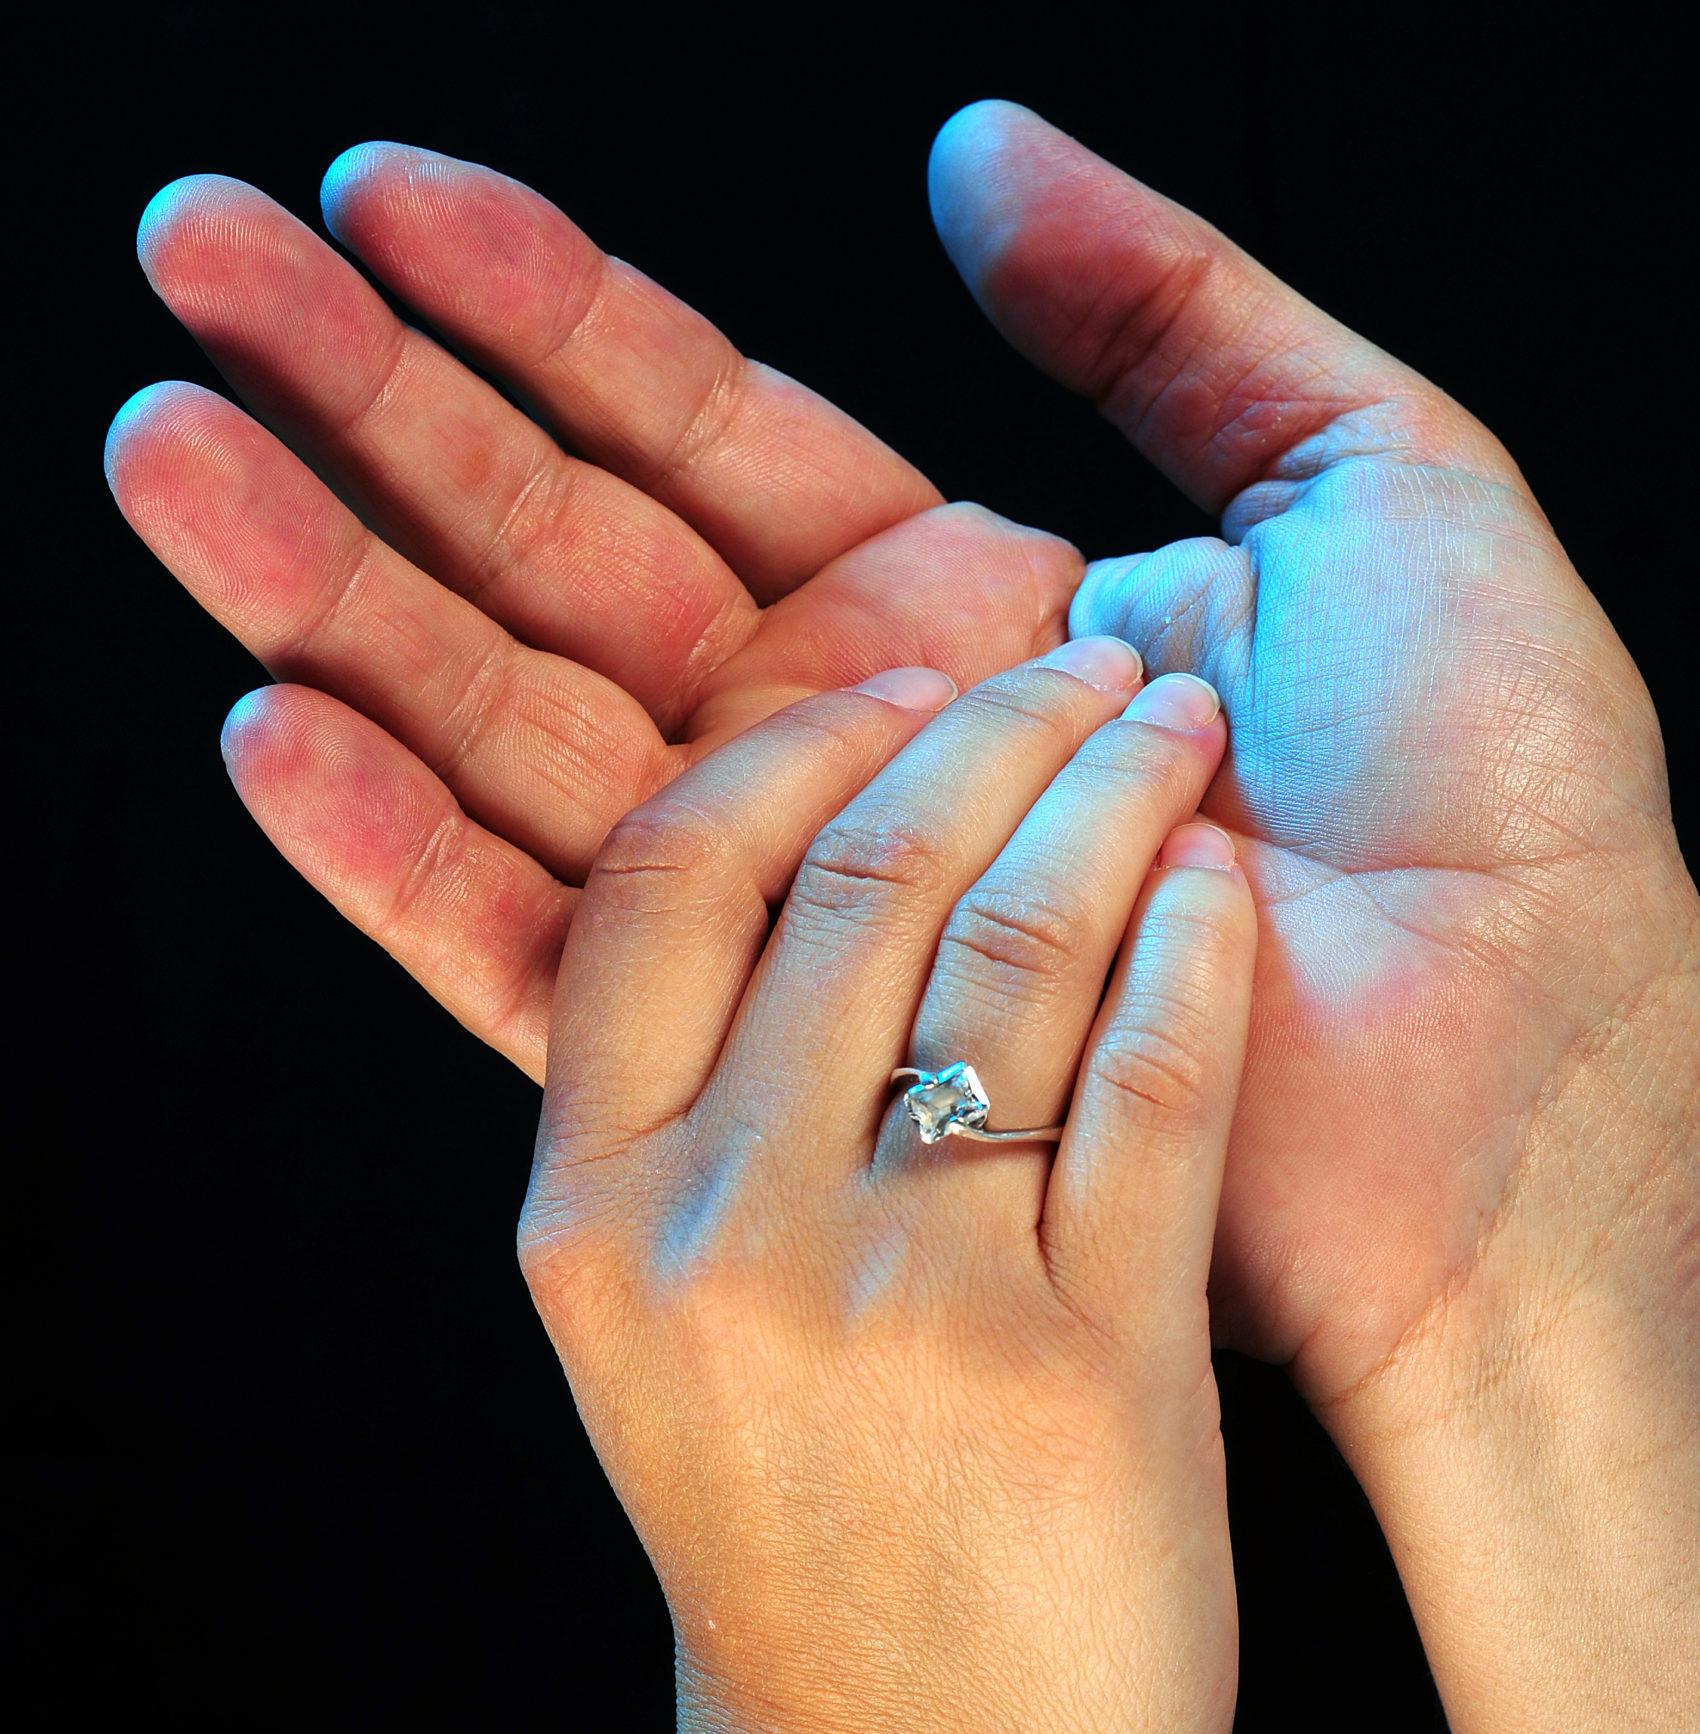 zwei Hände zweier Menschen halten sich